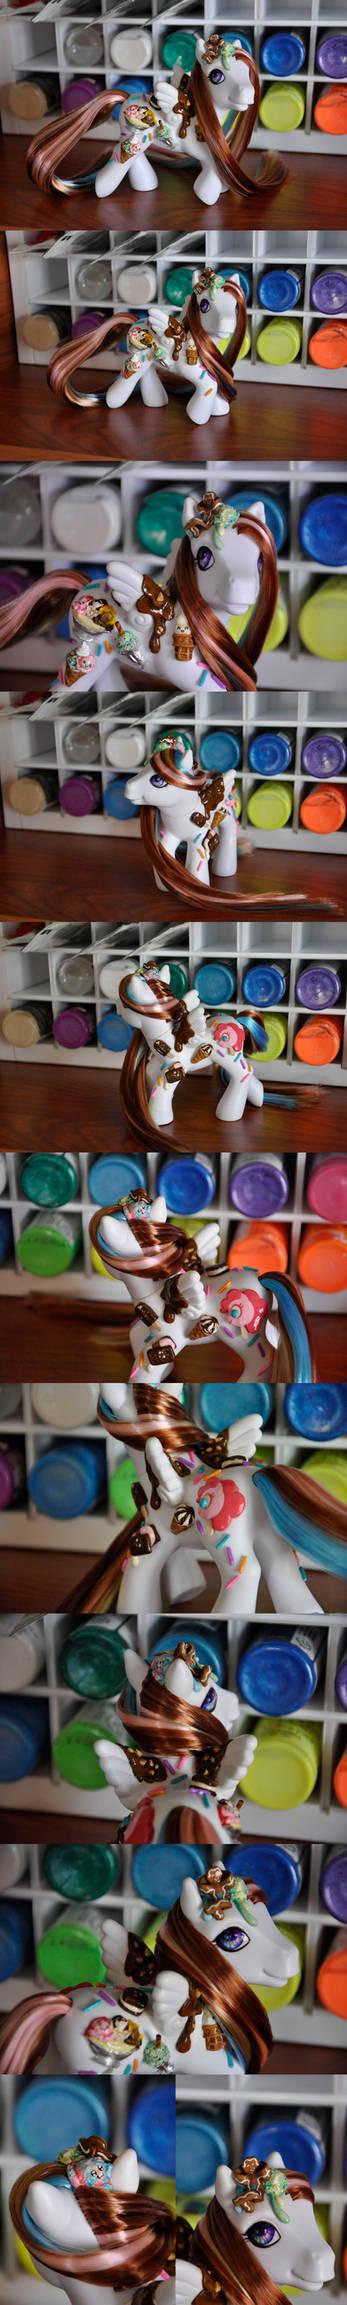 Ice cream luvin custom pony